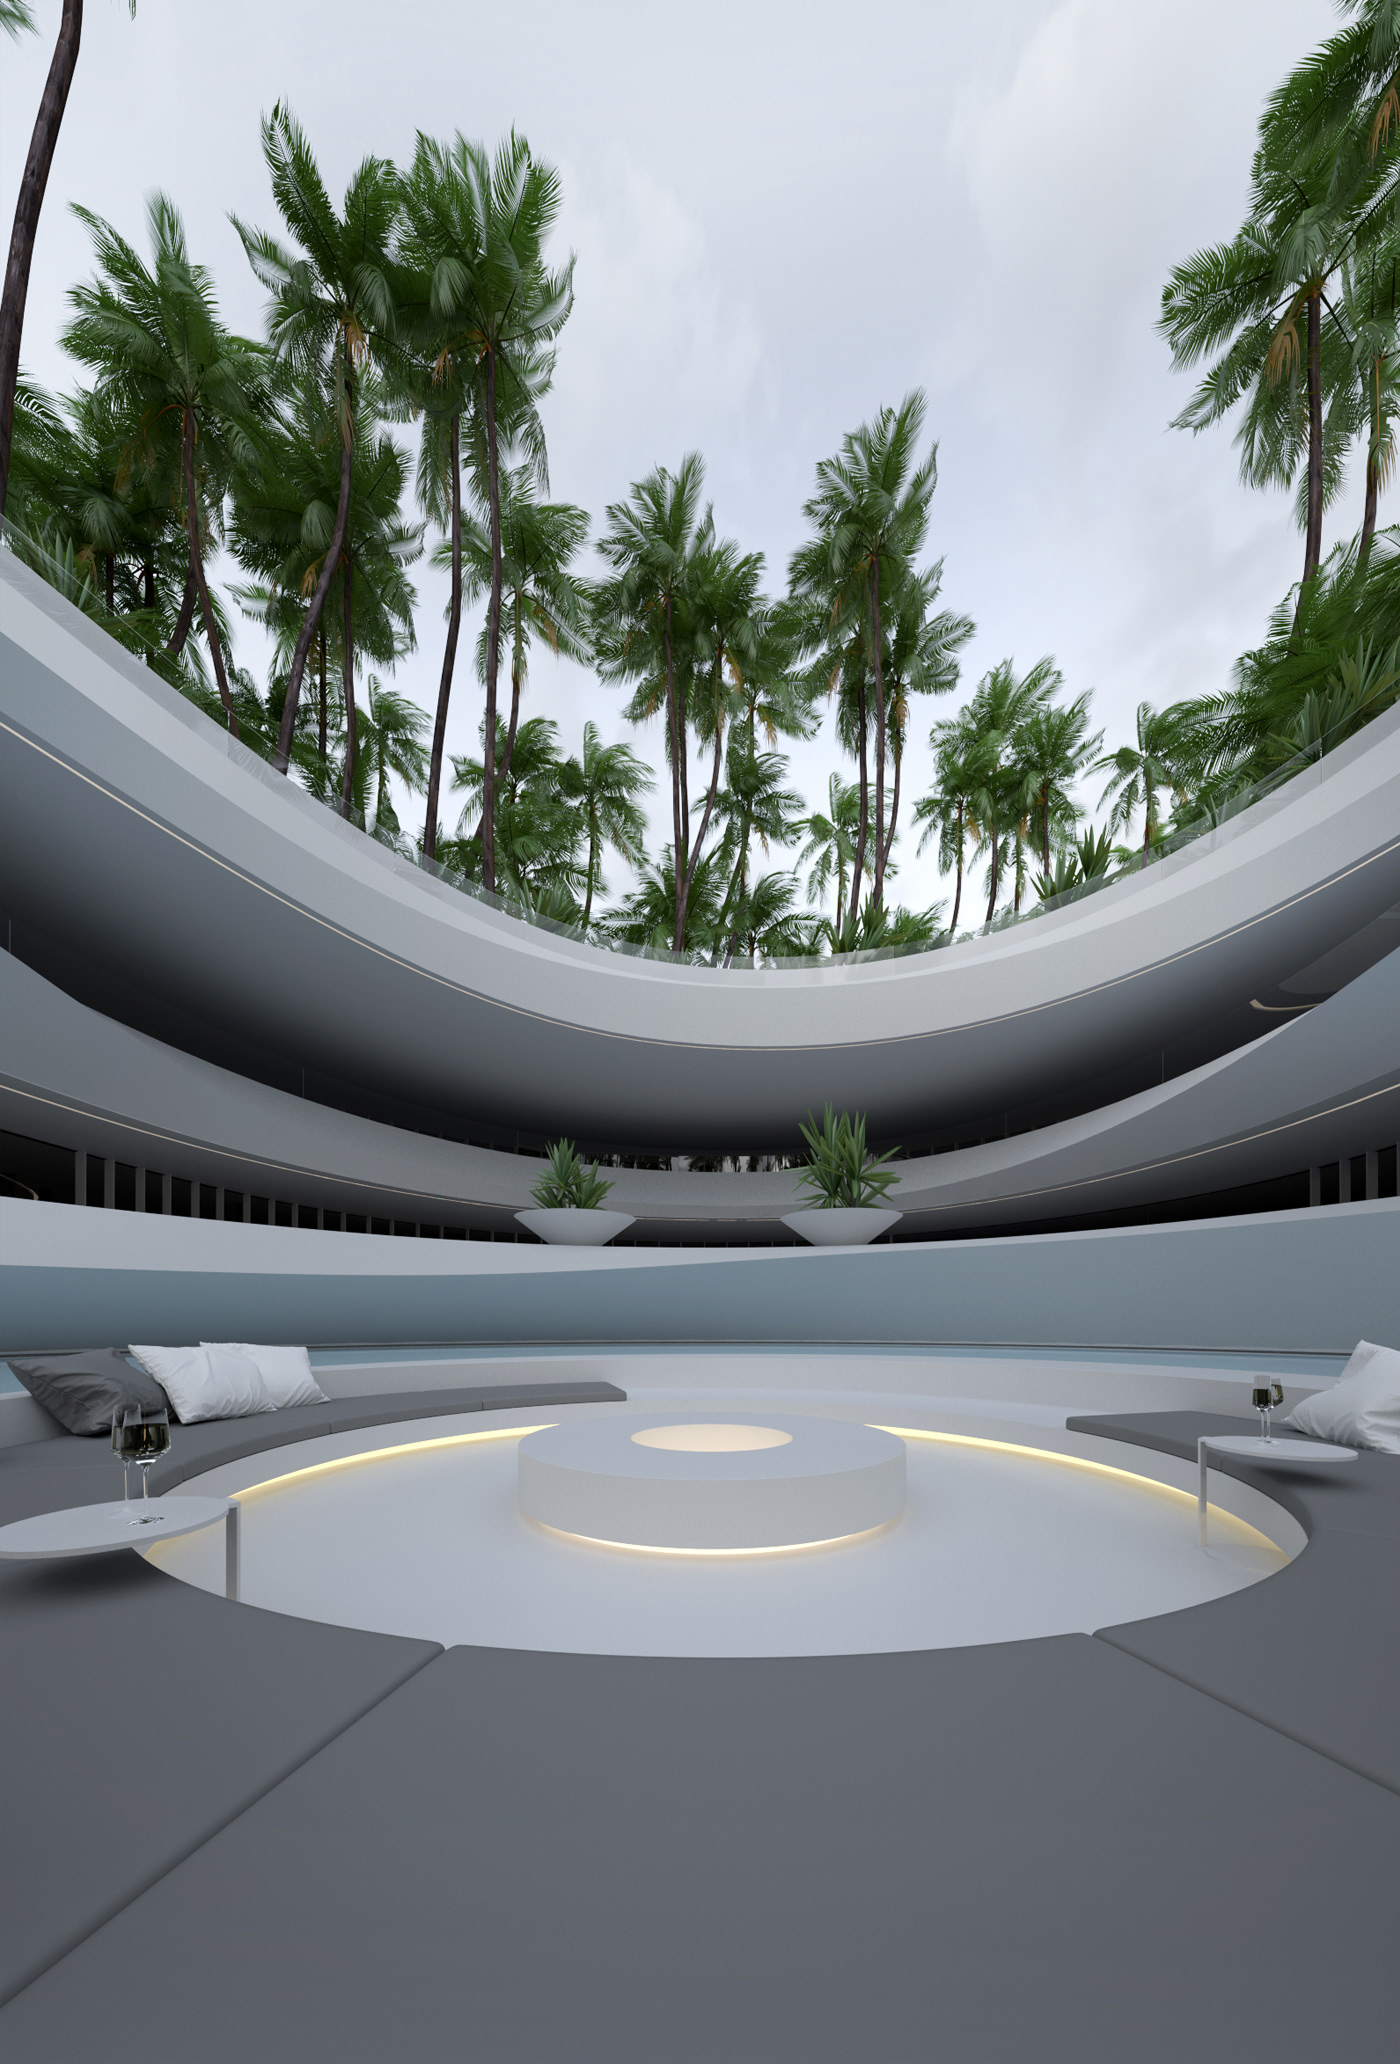 全球资讯_俄罗斯建筑设计师Roman Vlasov 689概念建筑设计 - 视觉同盟(VisionUnion.com)